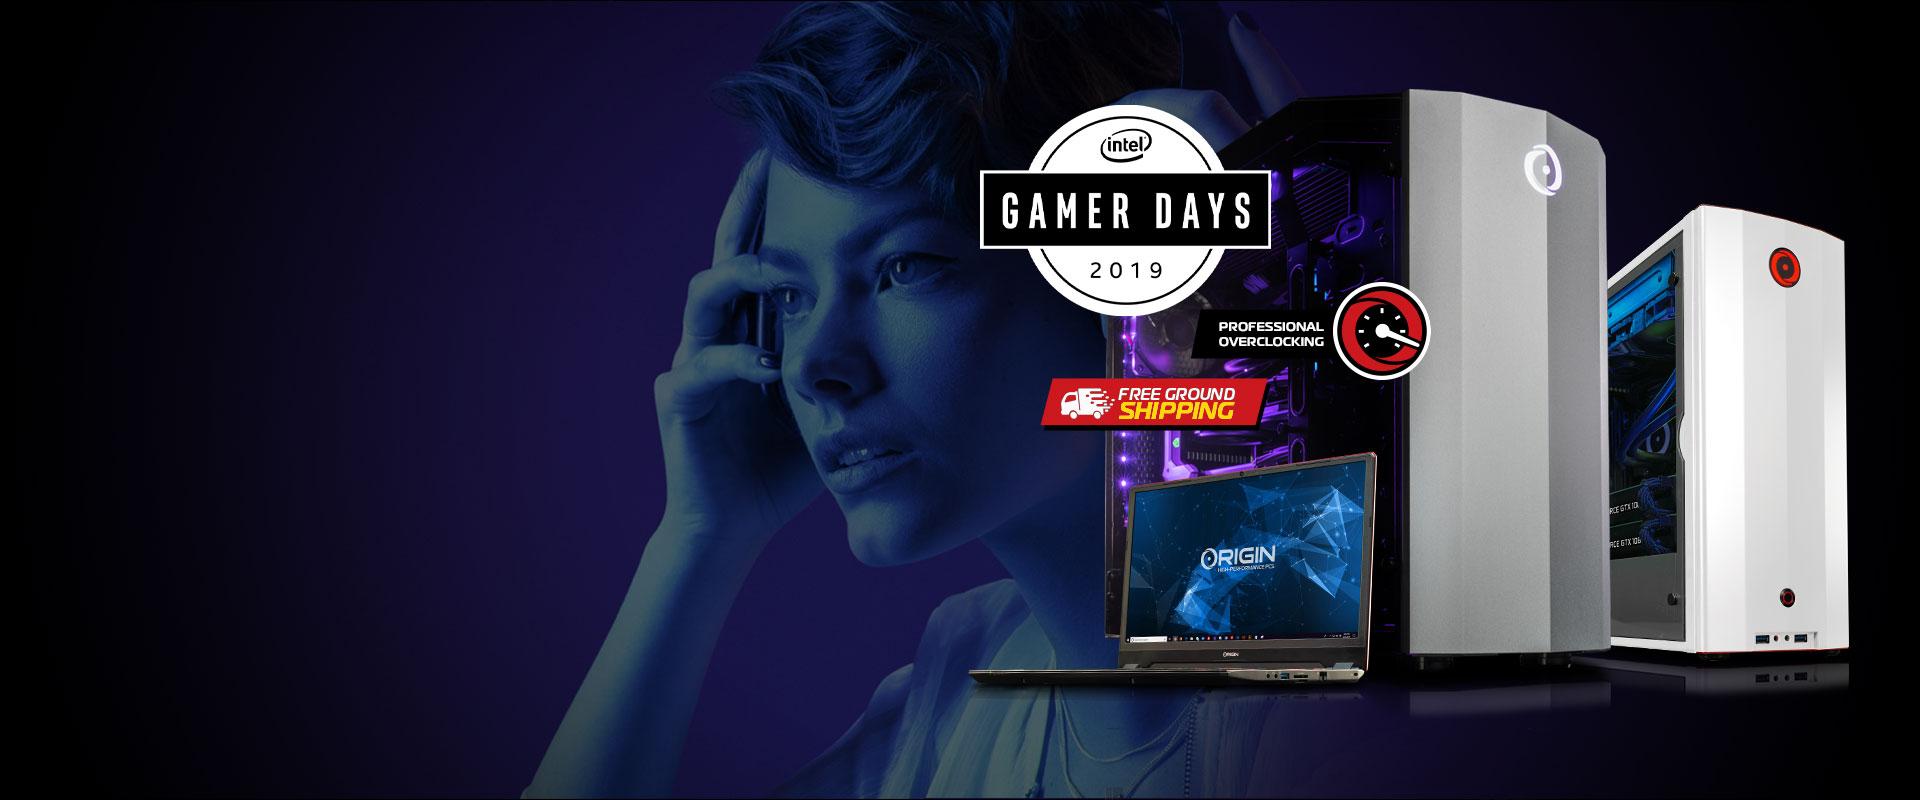 ORIGIN PC | Gaming PCs, Gaming Laptops, Custom Computers